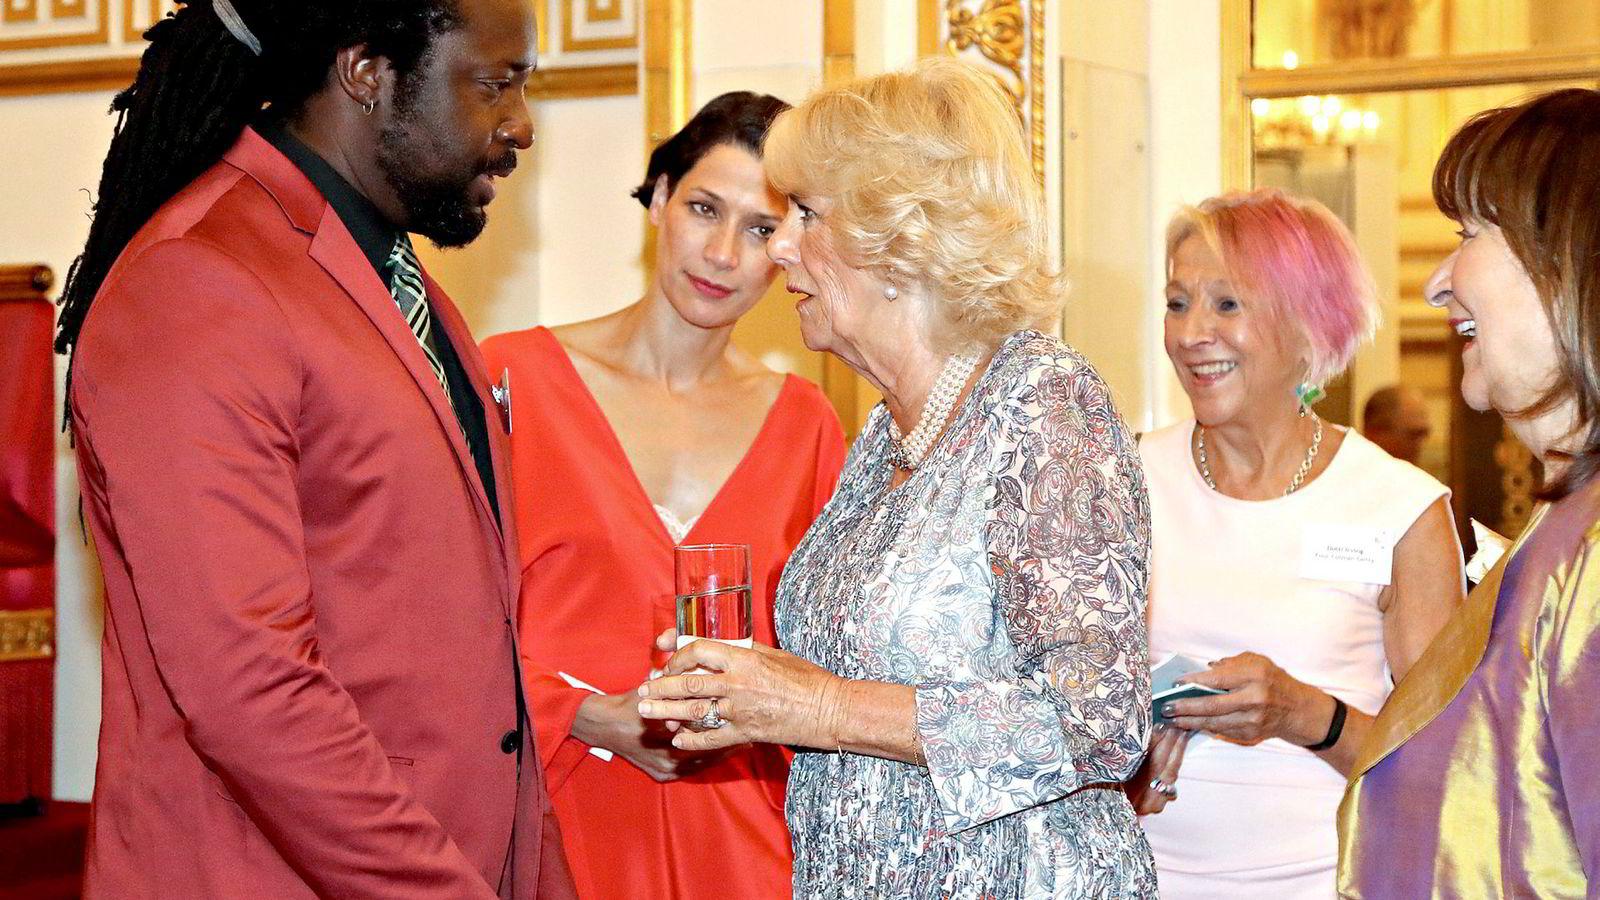 «Og jeg gleder meg voldsomt til å lese romanen din …», sa kanskje Camilla Parker Bowles, hertuginne av Cornwall, da hun møtte Marlon James under 50-årsjubileet for Man Booker Prize på Buckingham Palace nylig.